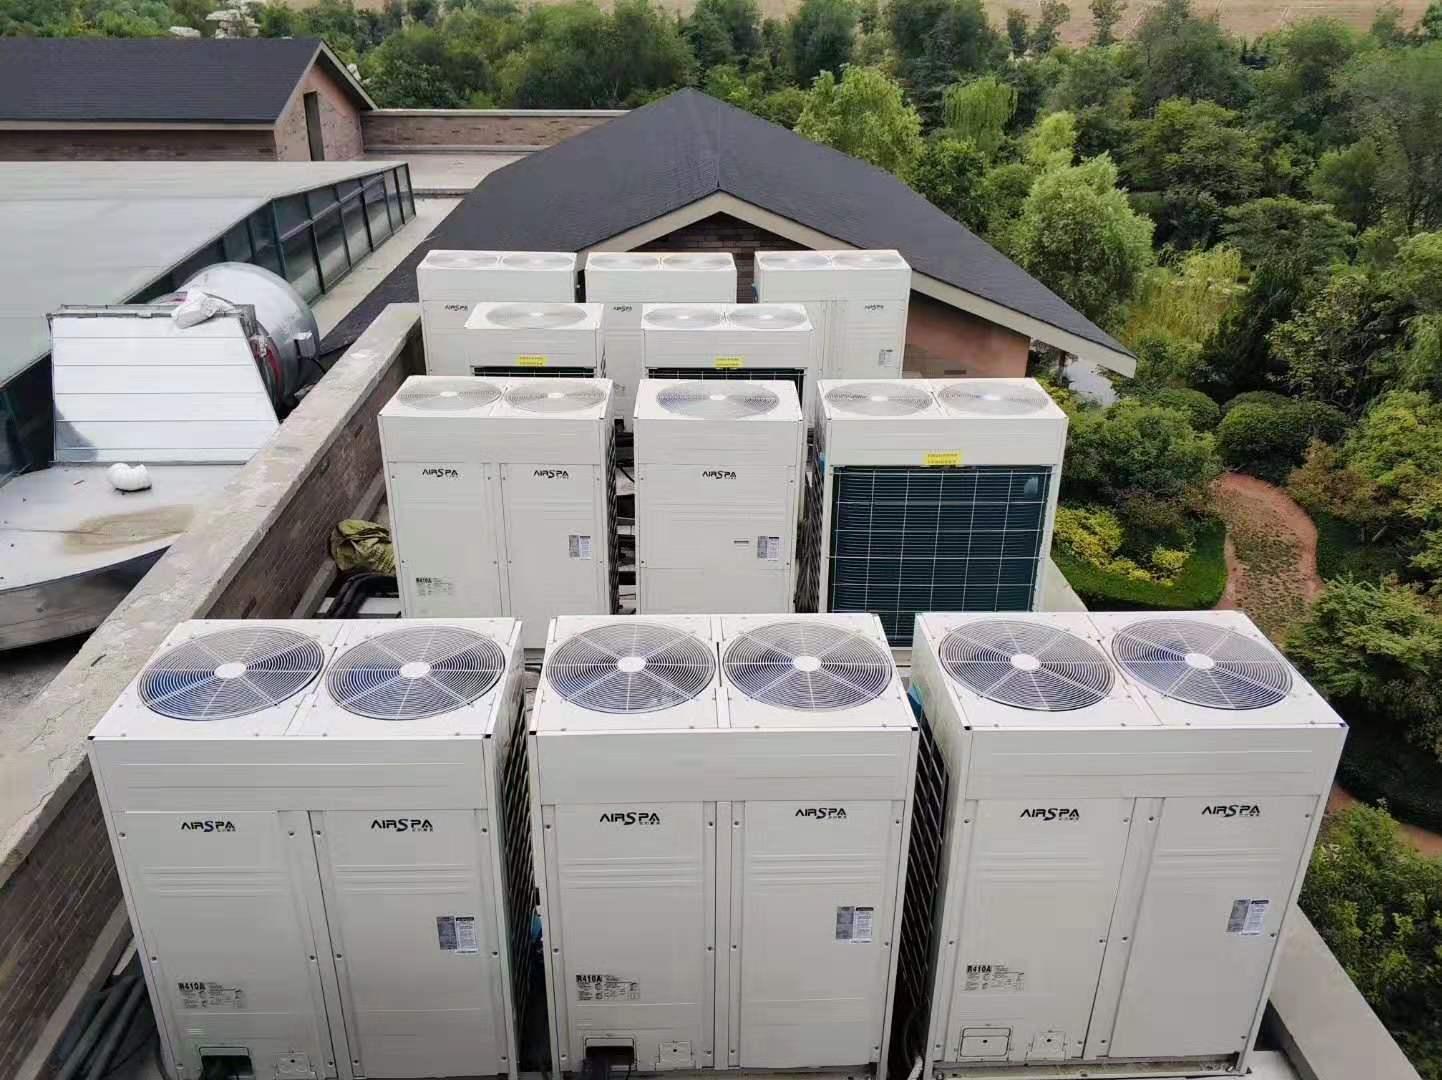 艾尔斯派讲解恒温恒湿空调机组的工作原理